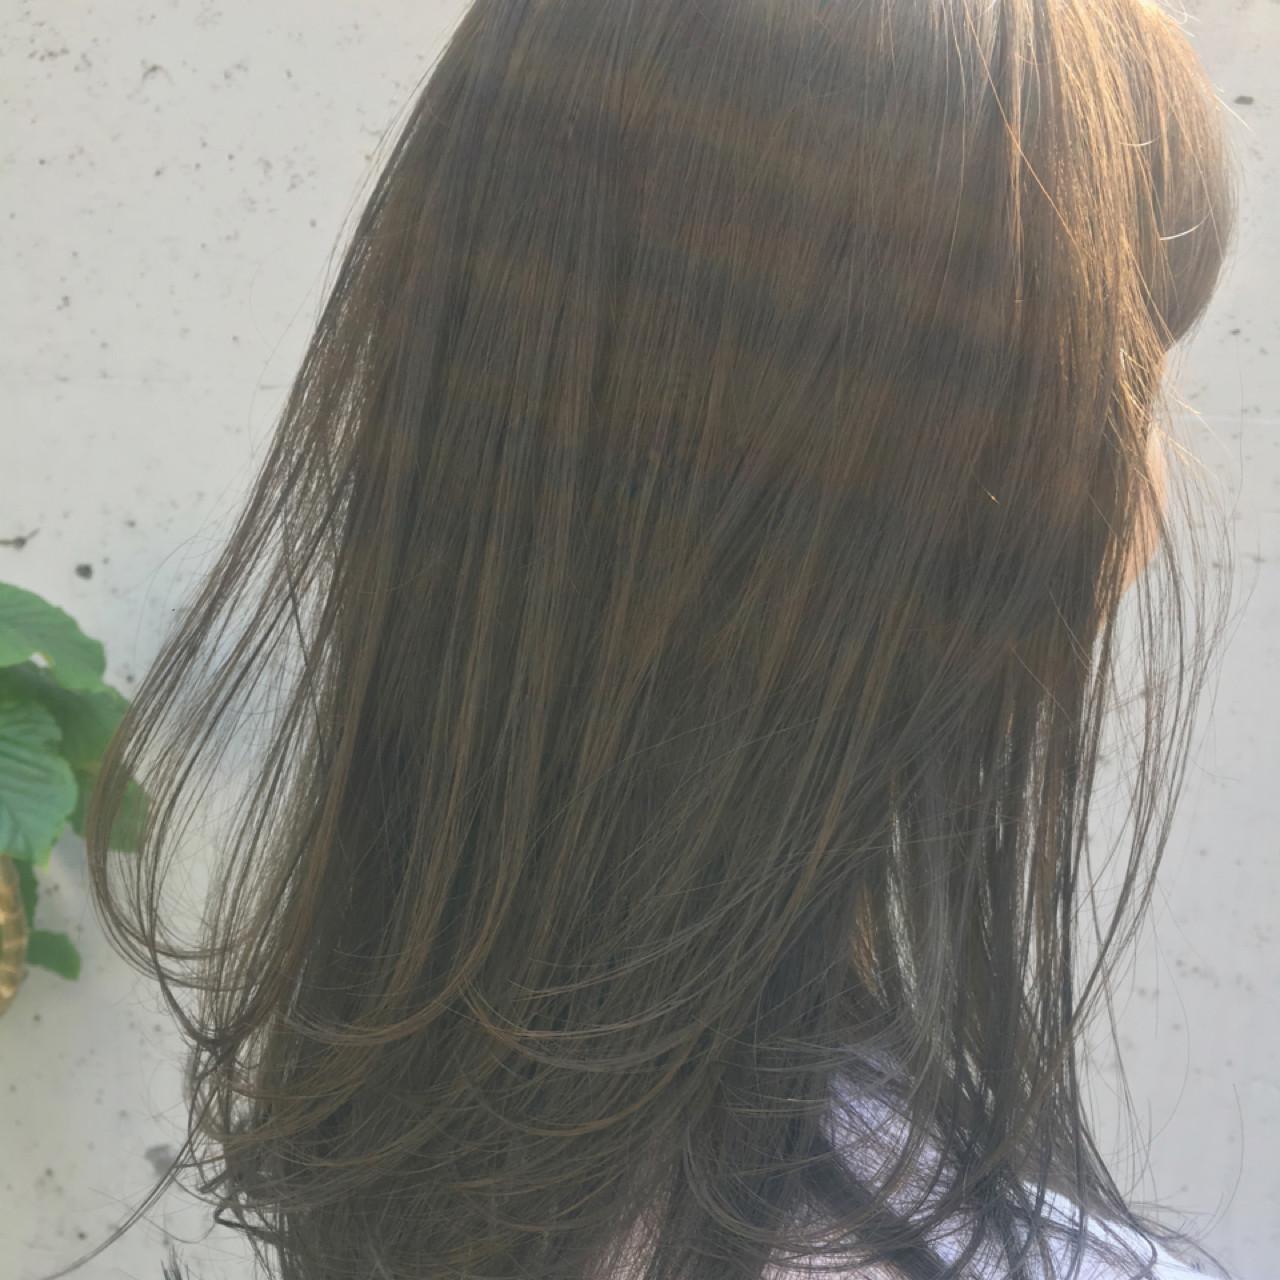 リラックス アッシュ ブリーチなし ガーリー ヘアスタイルや髪型の写真・画像